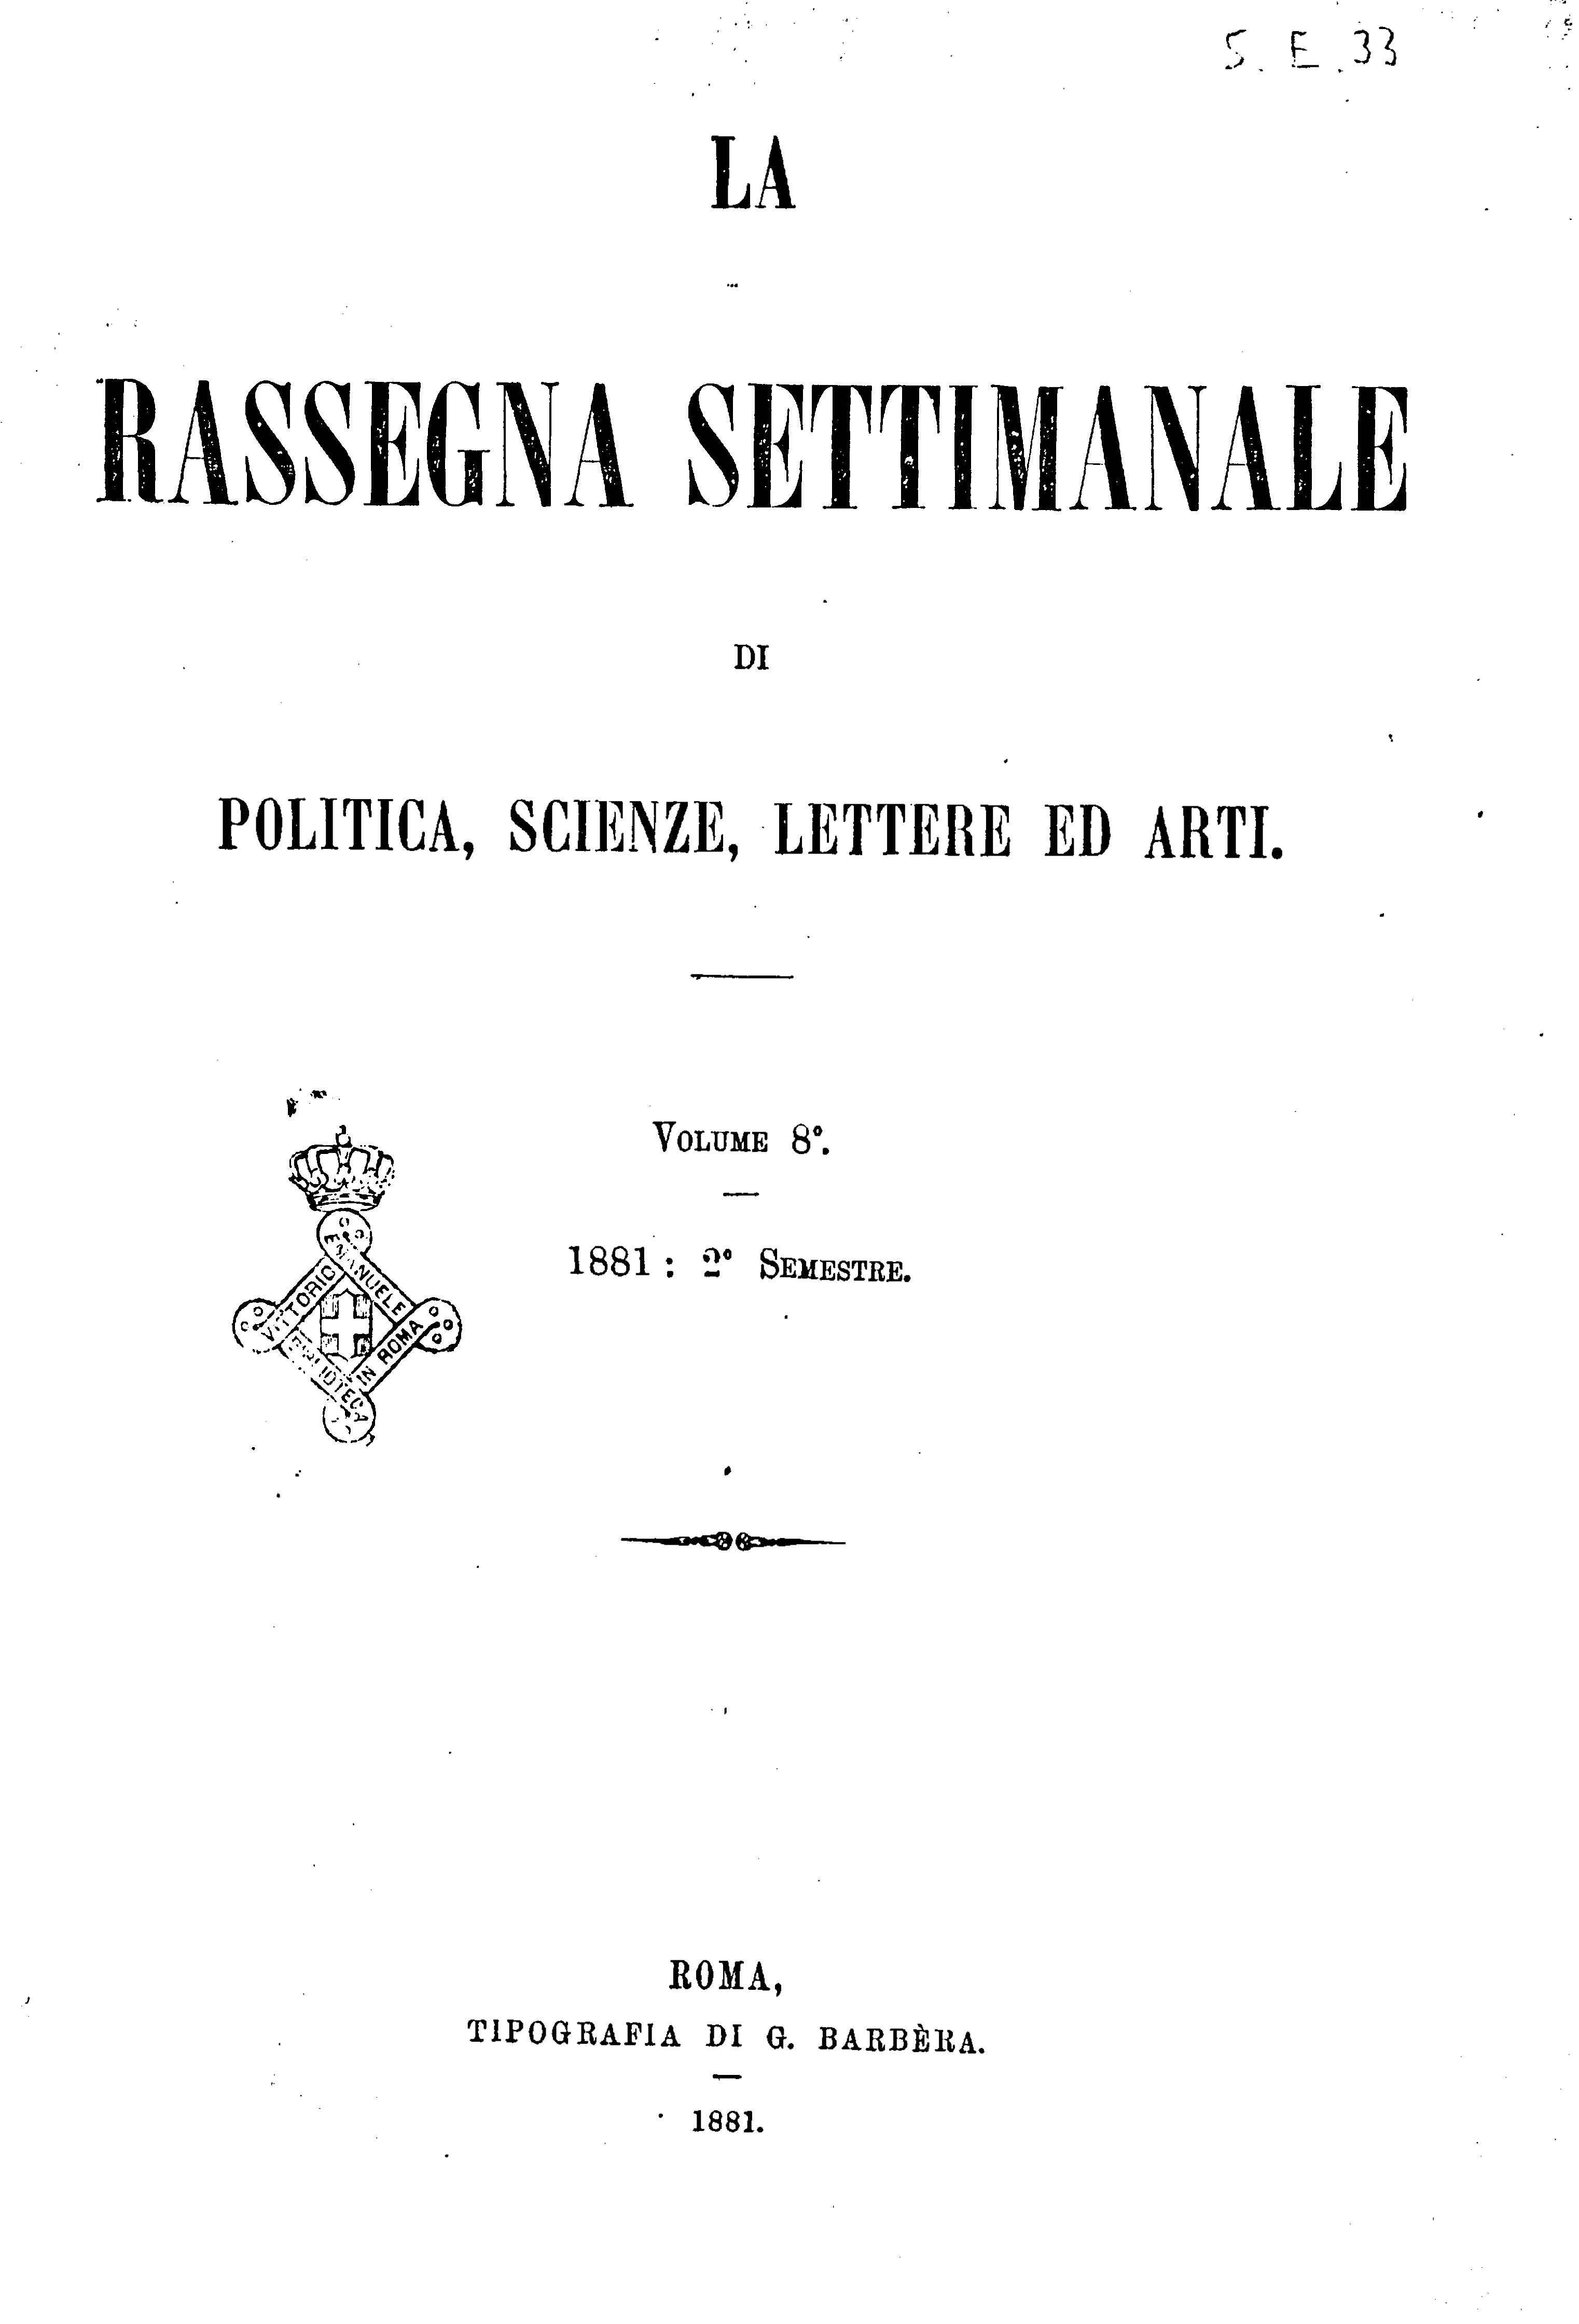 Fascicolo 195 - Volume 8 - 1881 - Semestre 2 - Trimestre 1